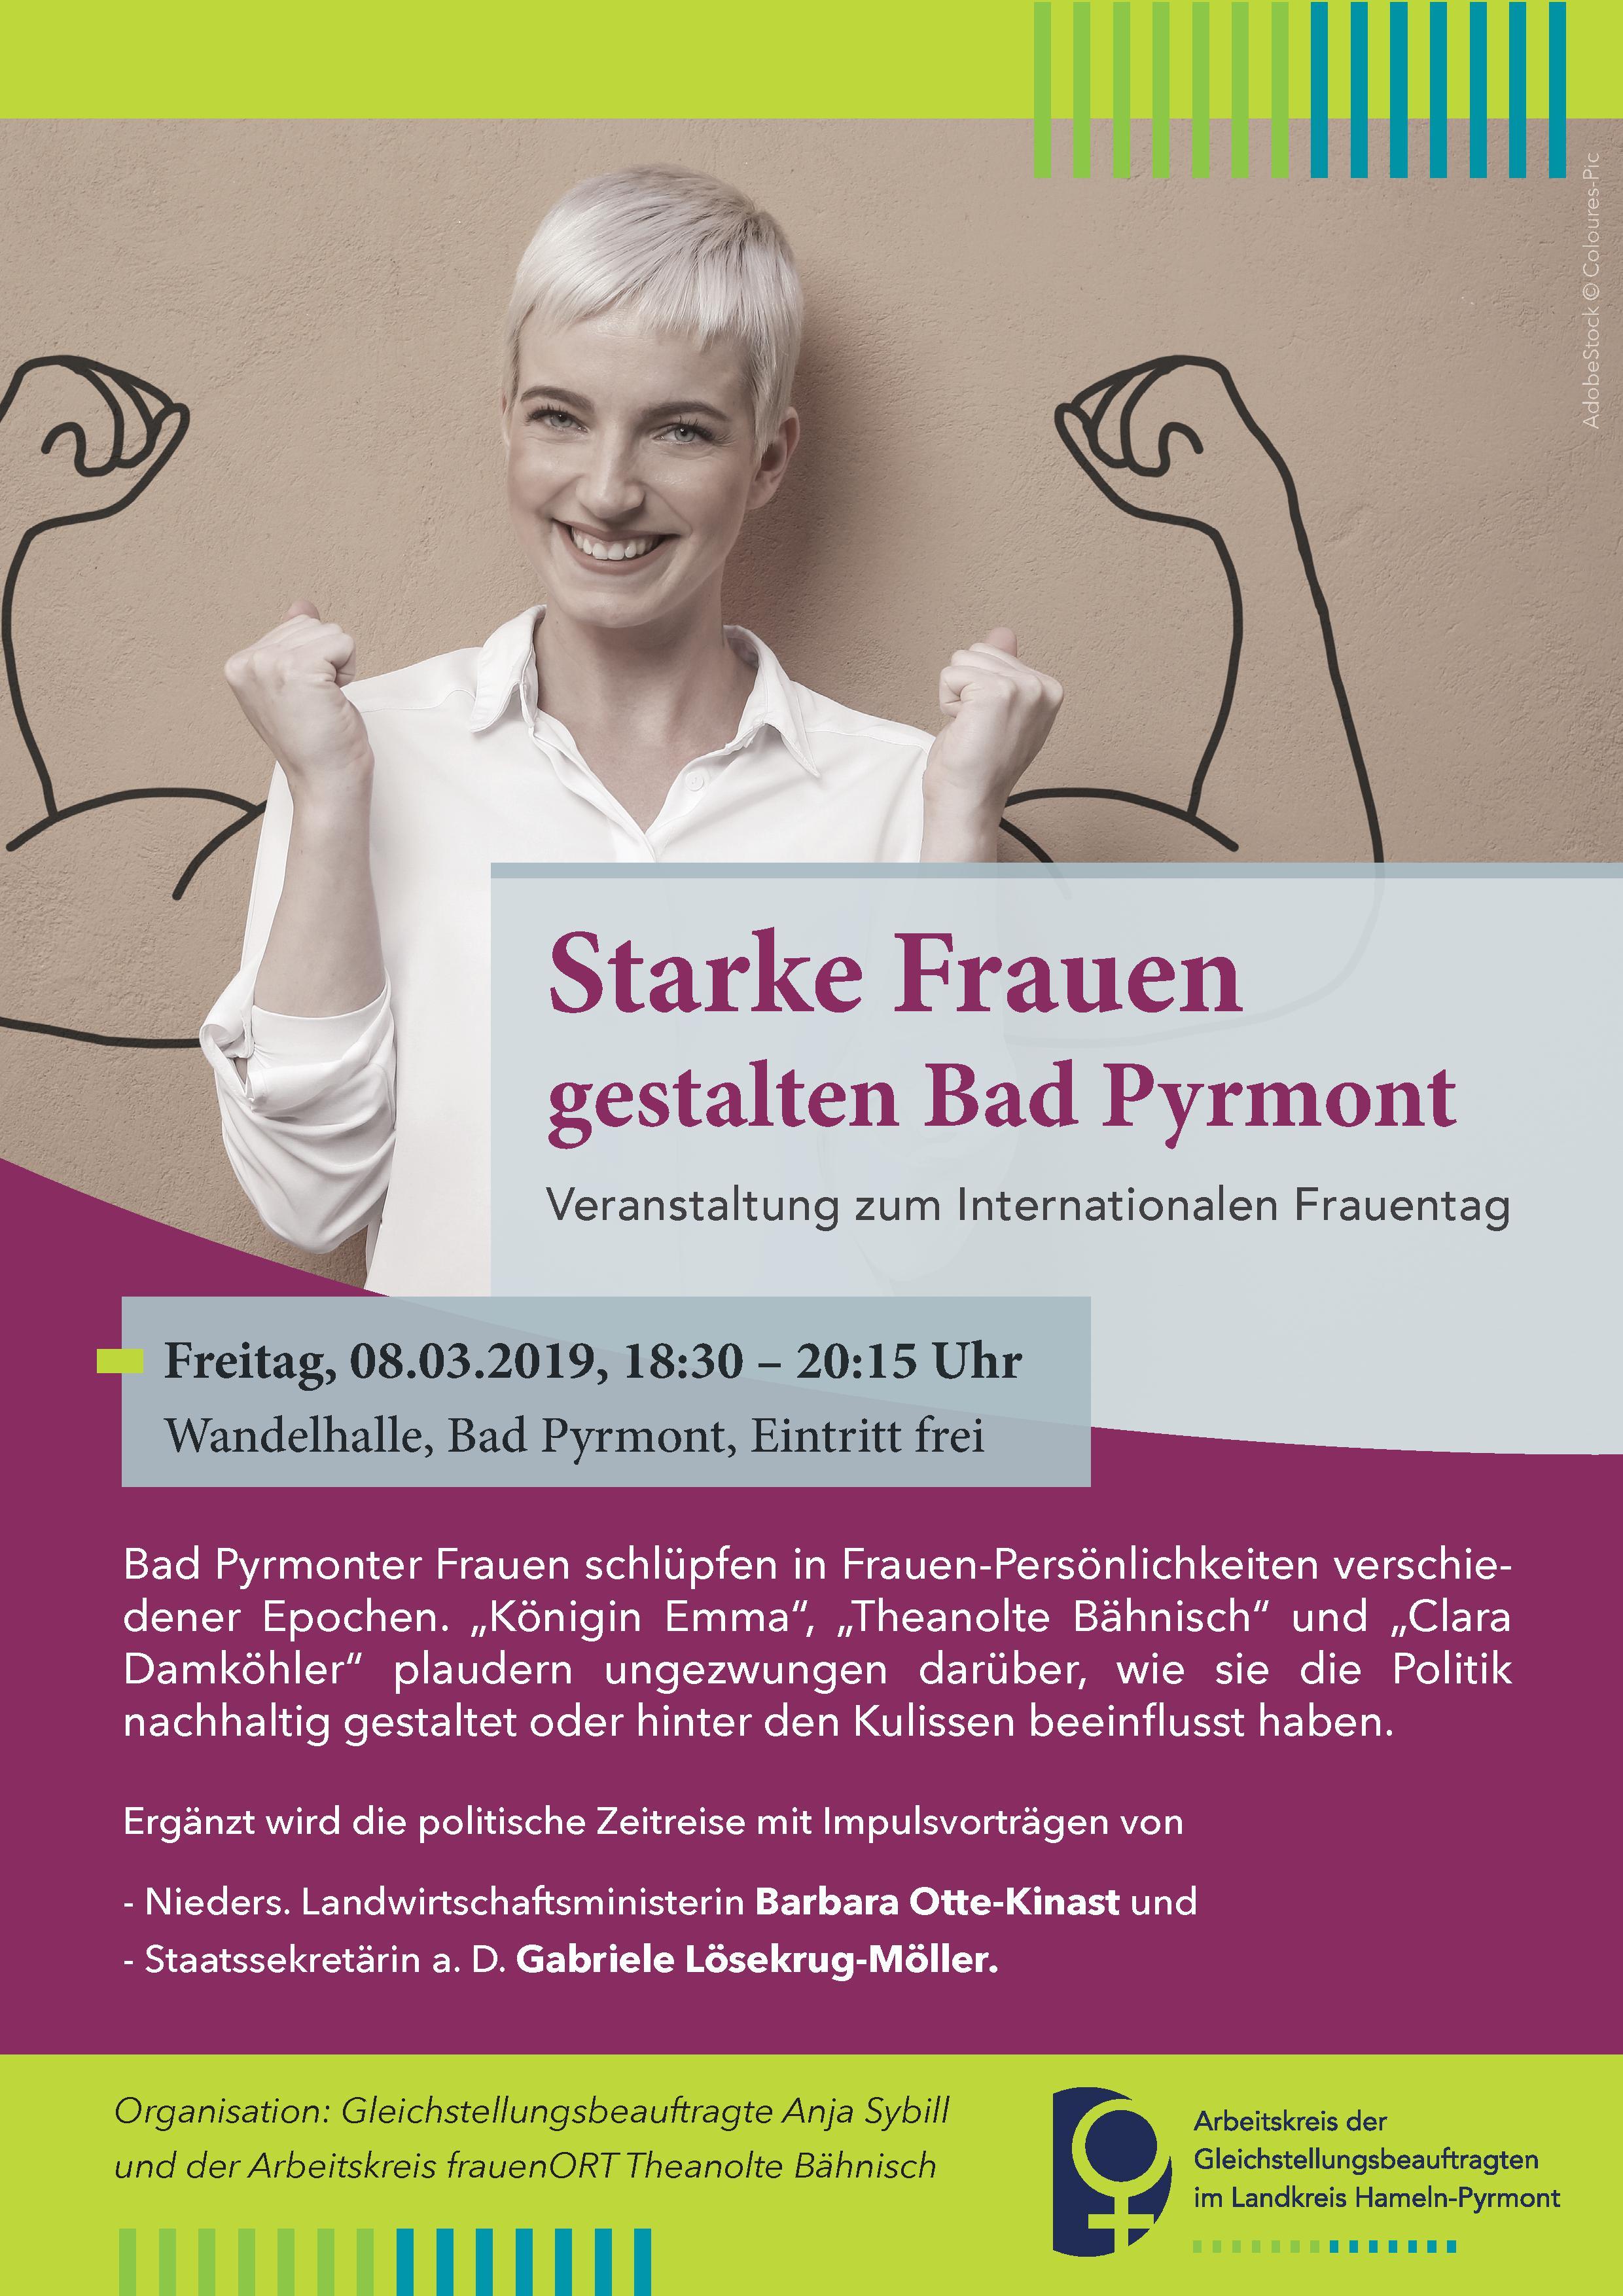 Starke Frauen gestalten Bad Pyrmont